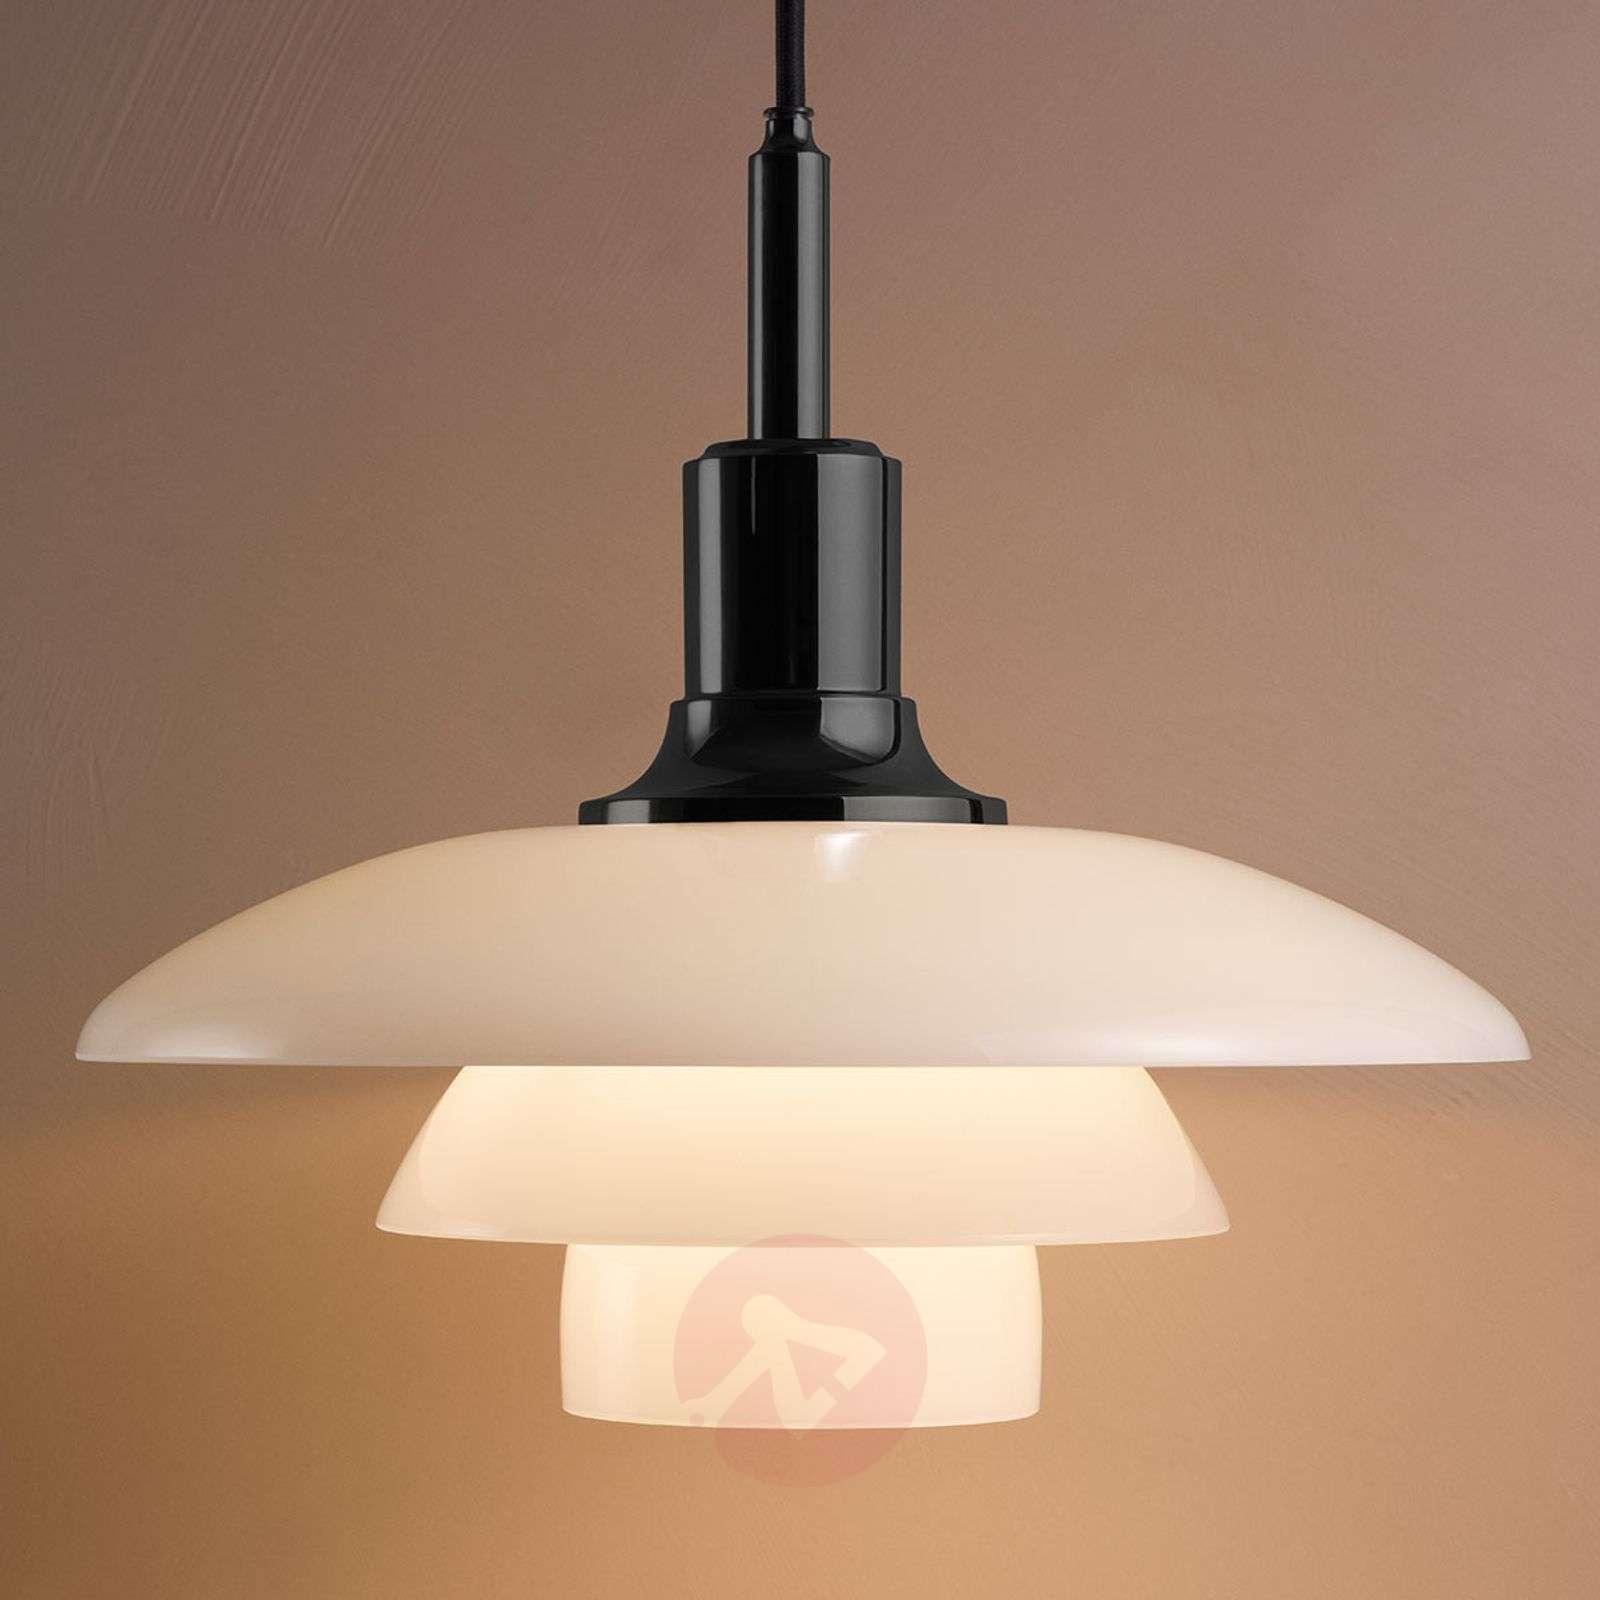 Louis Poulsen PH 3/2 pendant lamp-6090032X-01